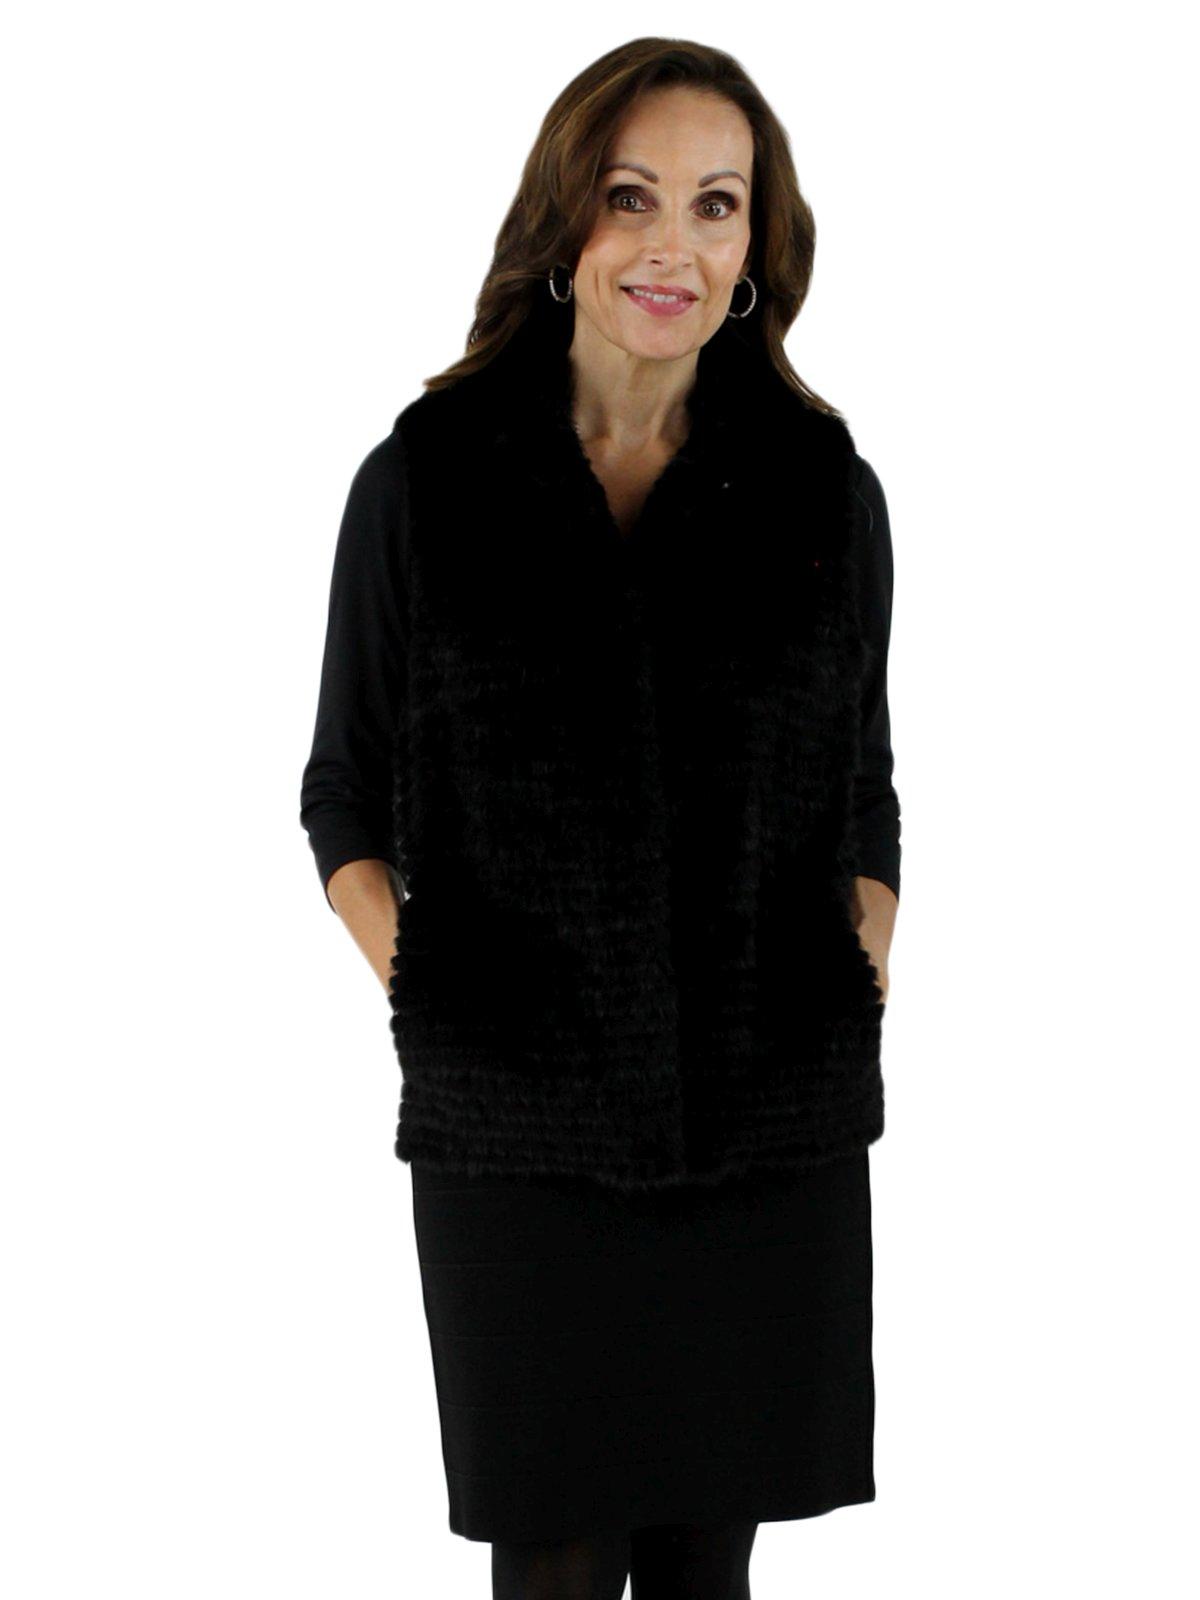 New Gorski Woman's Black Mink Fur Vest